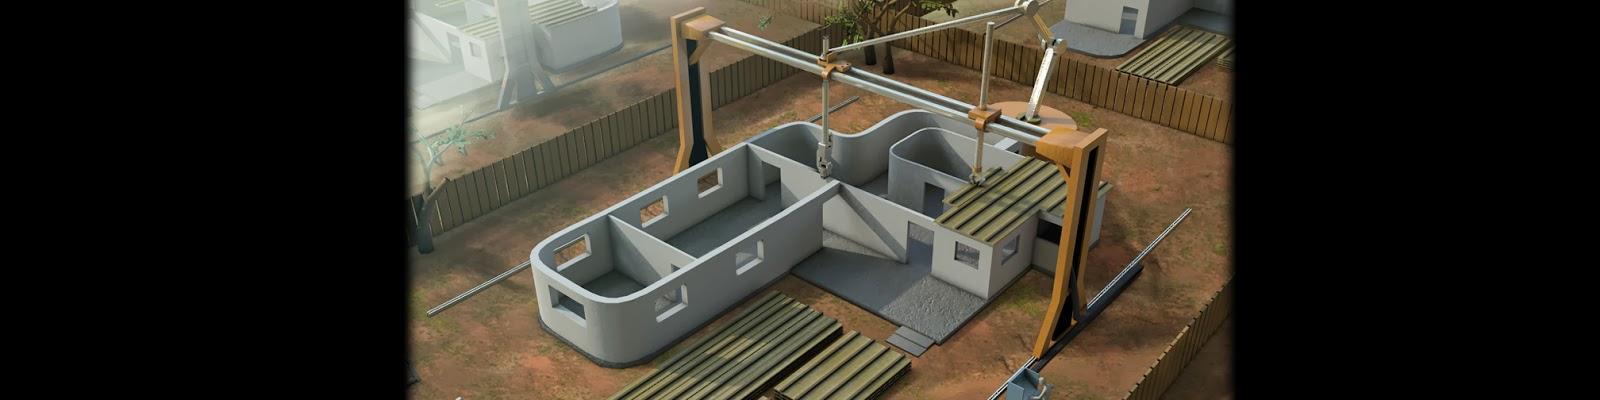 Kikiworld une imprimante 3d pour construire une maison en for Application pour construire une maison en 3d